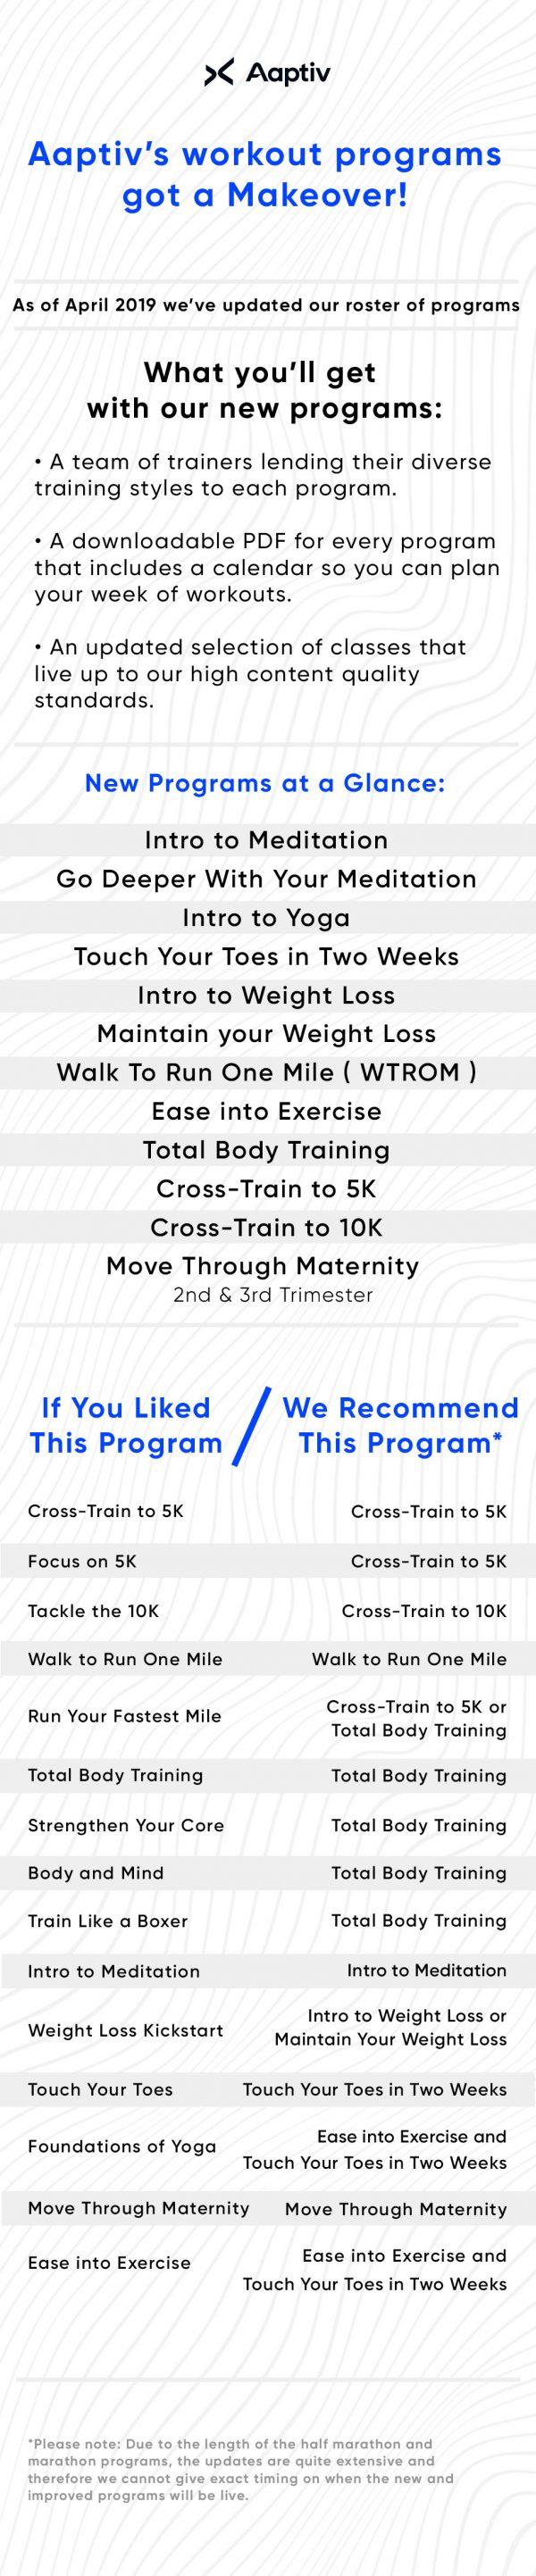 new programs infographic